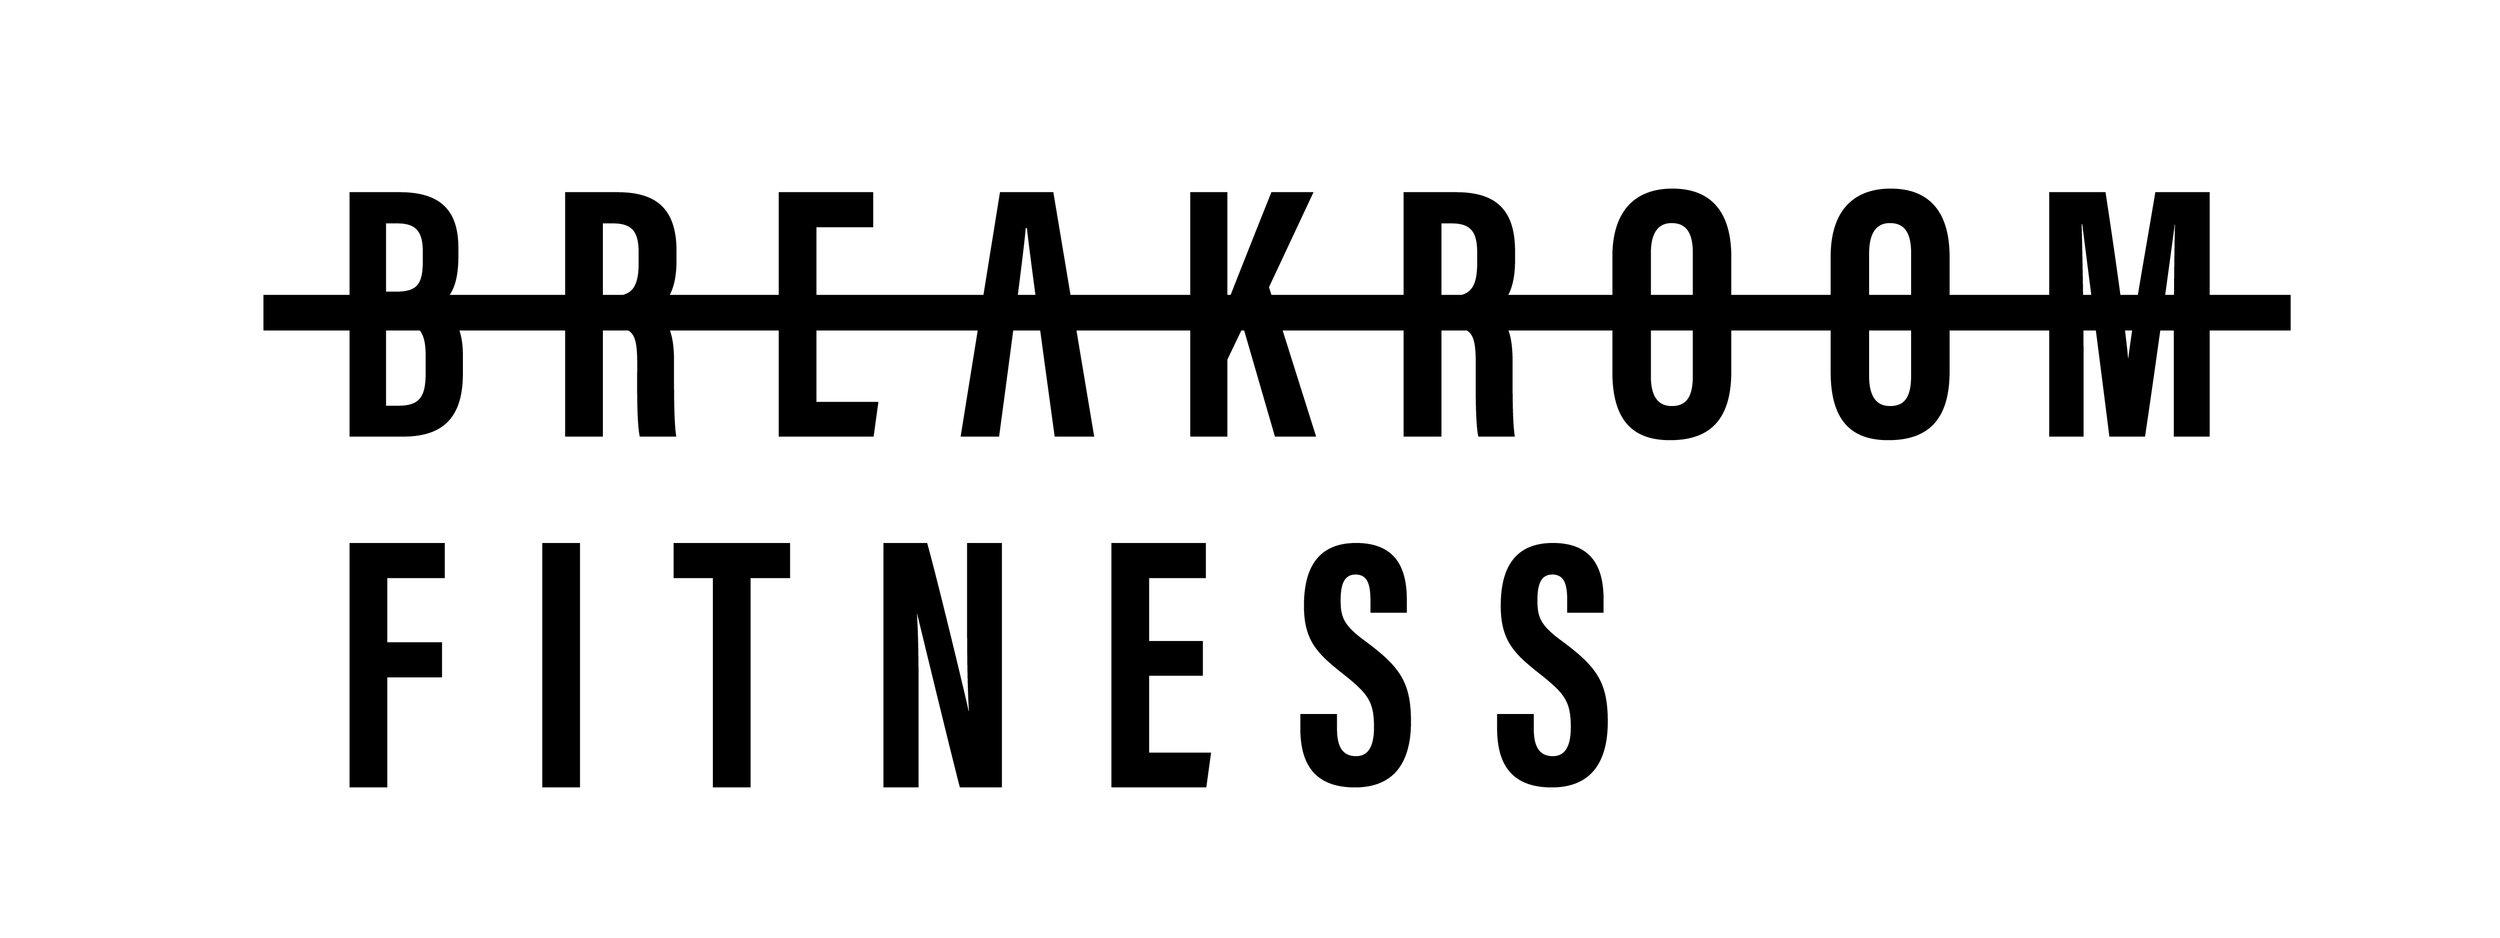 CMYK_Breakroom Fitness_Primary logo.jpg